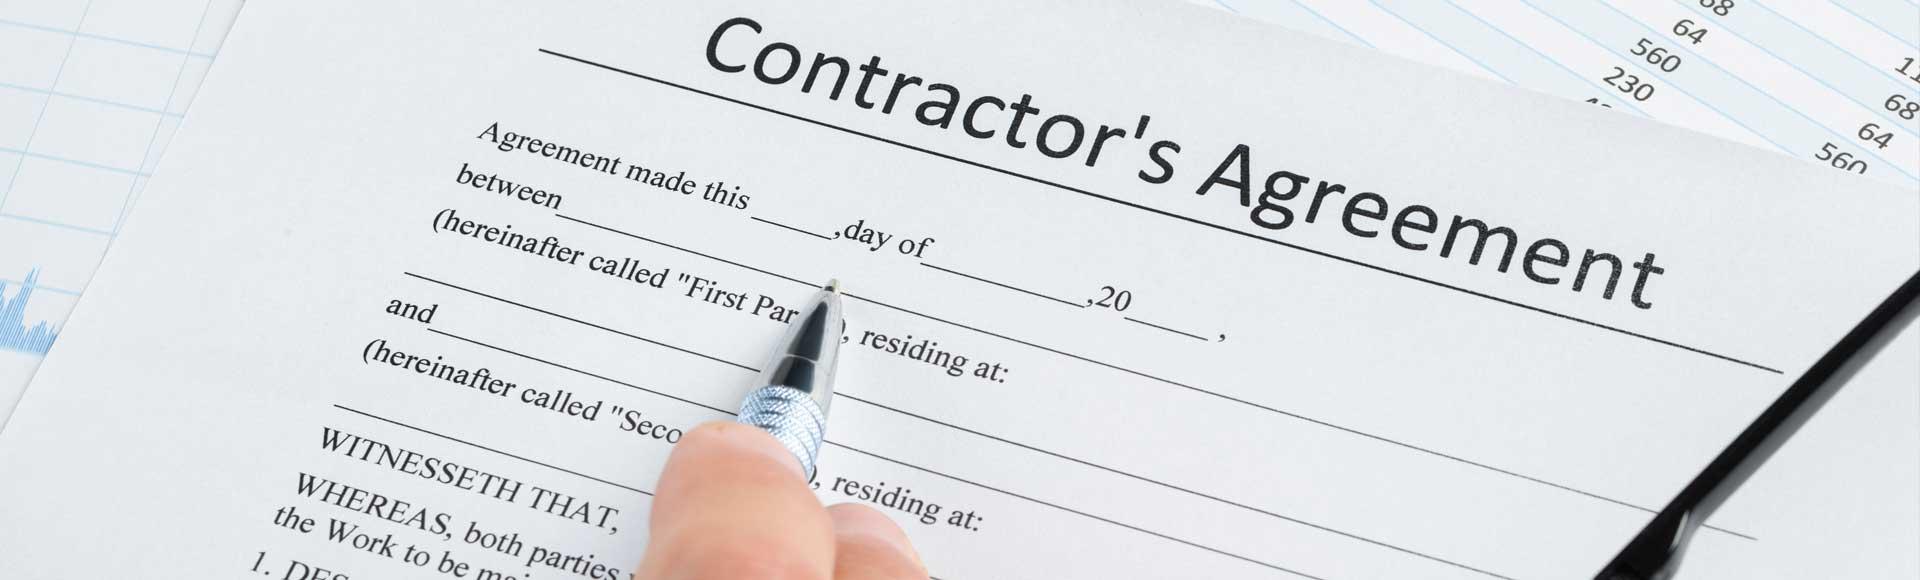 Contractors-Agreement-Header-Image_1920x580